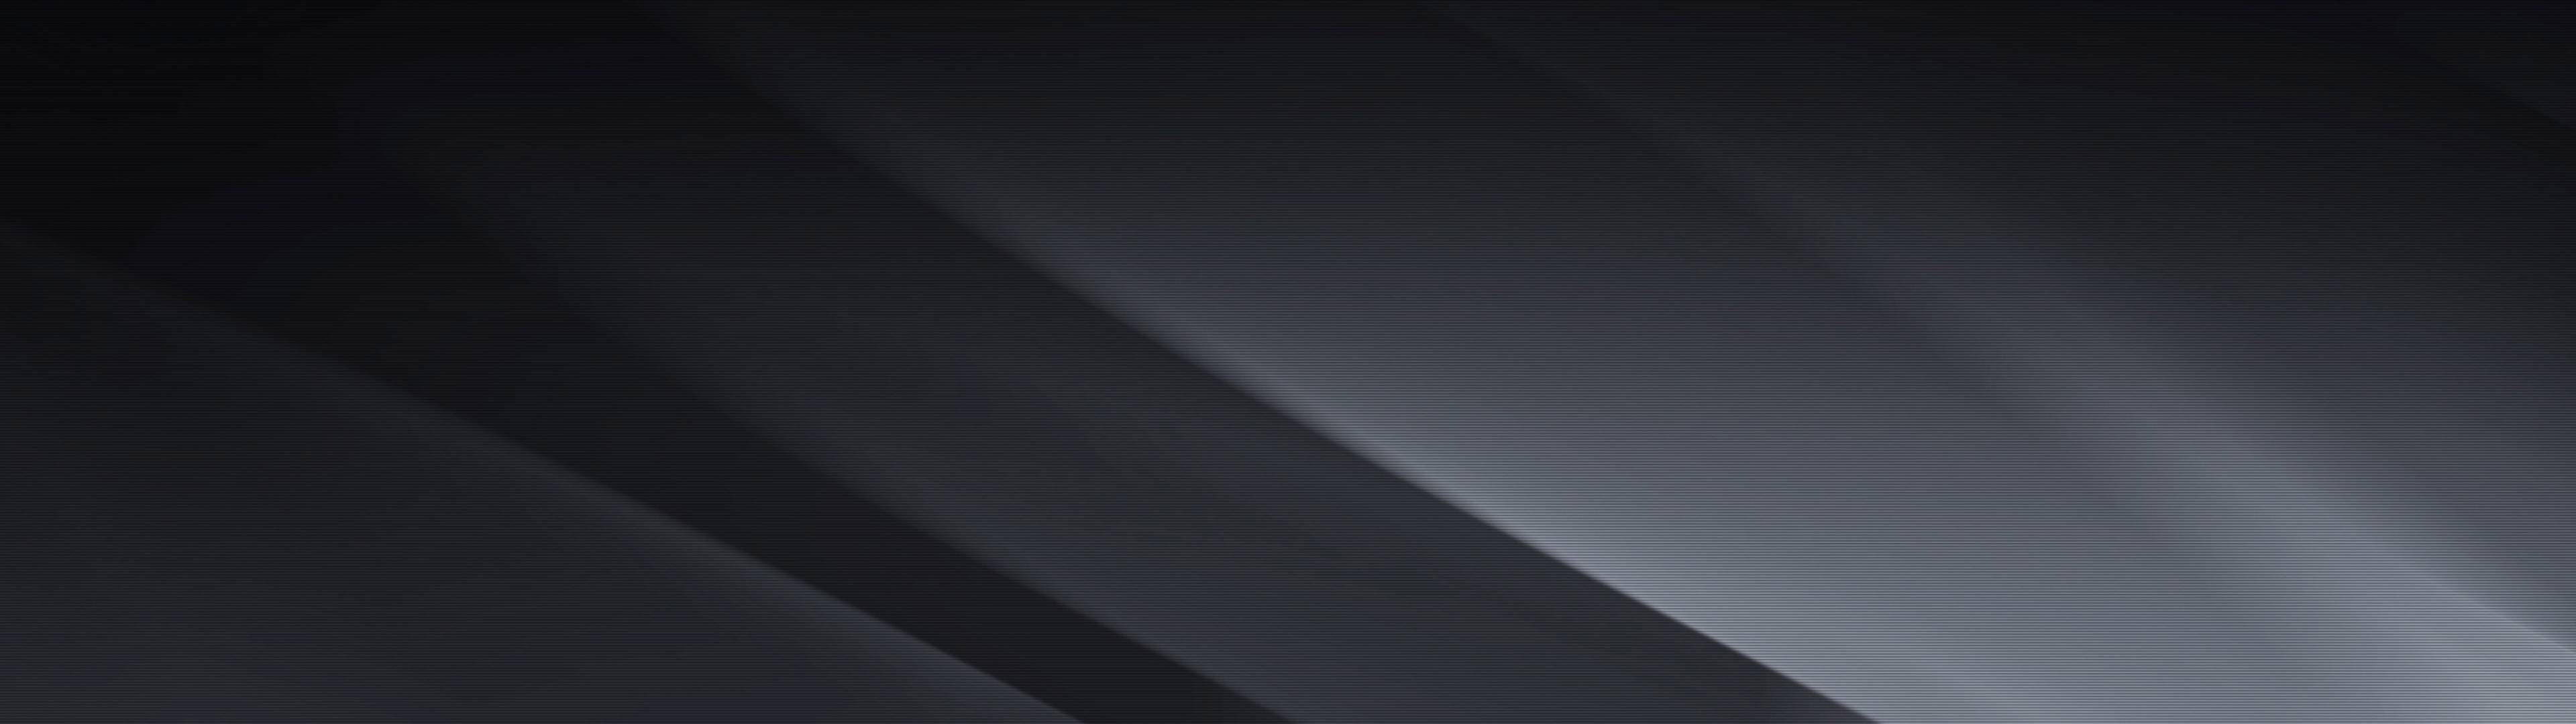 3840x1080 dual screen wallpaper 3840x1080 iron man dual monitor 3840x1080